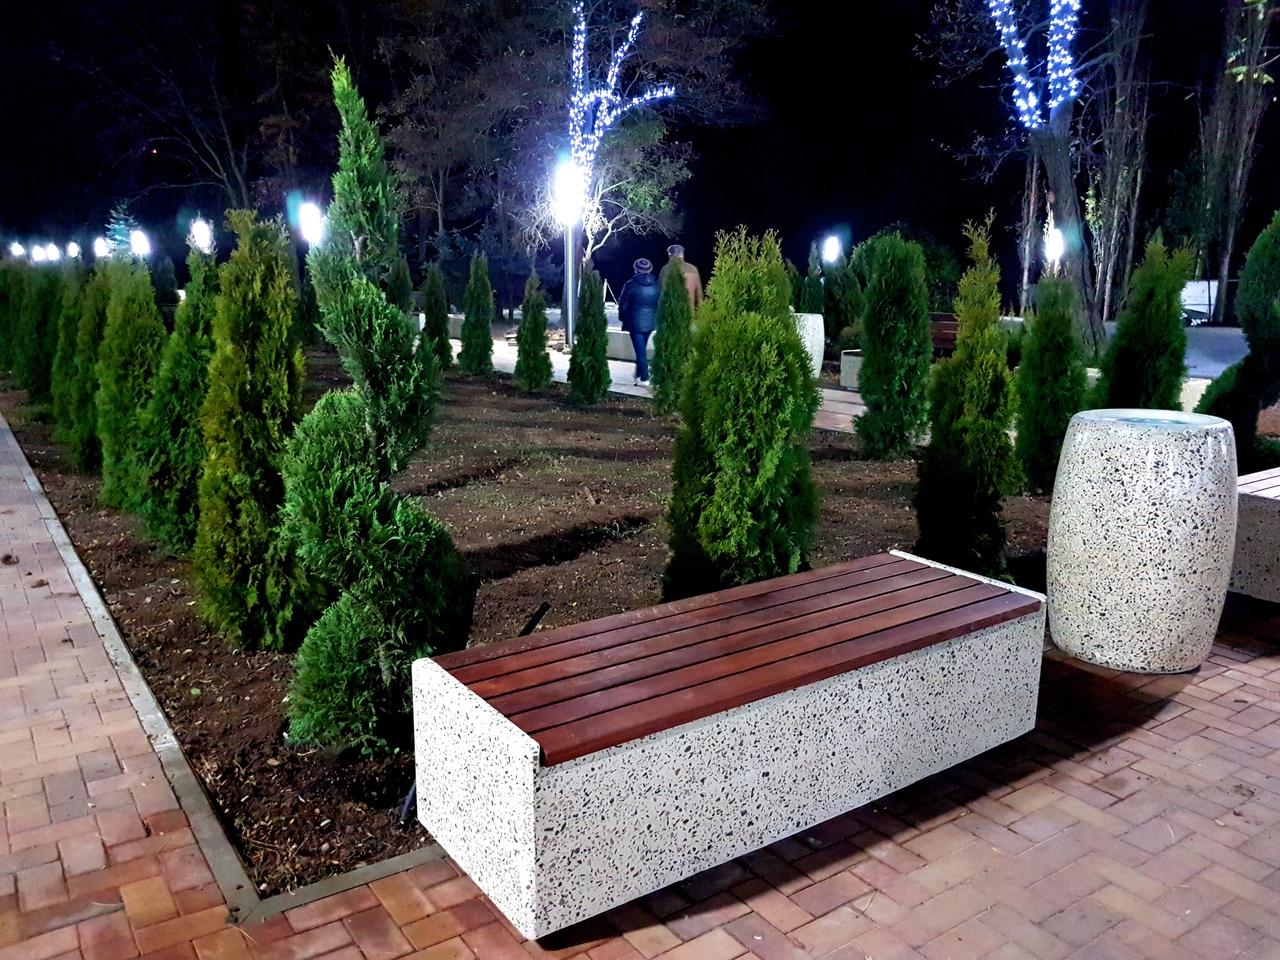 Ценные вечнозеленые растения, малые архитектурные формы, плиточное покрытие и светильники в Комсомольском парке Керчи, фото Кирилл Мазилов